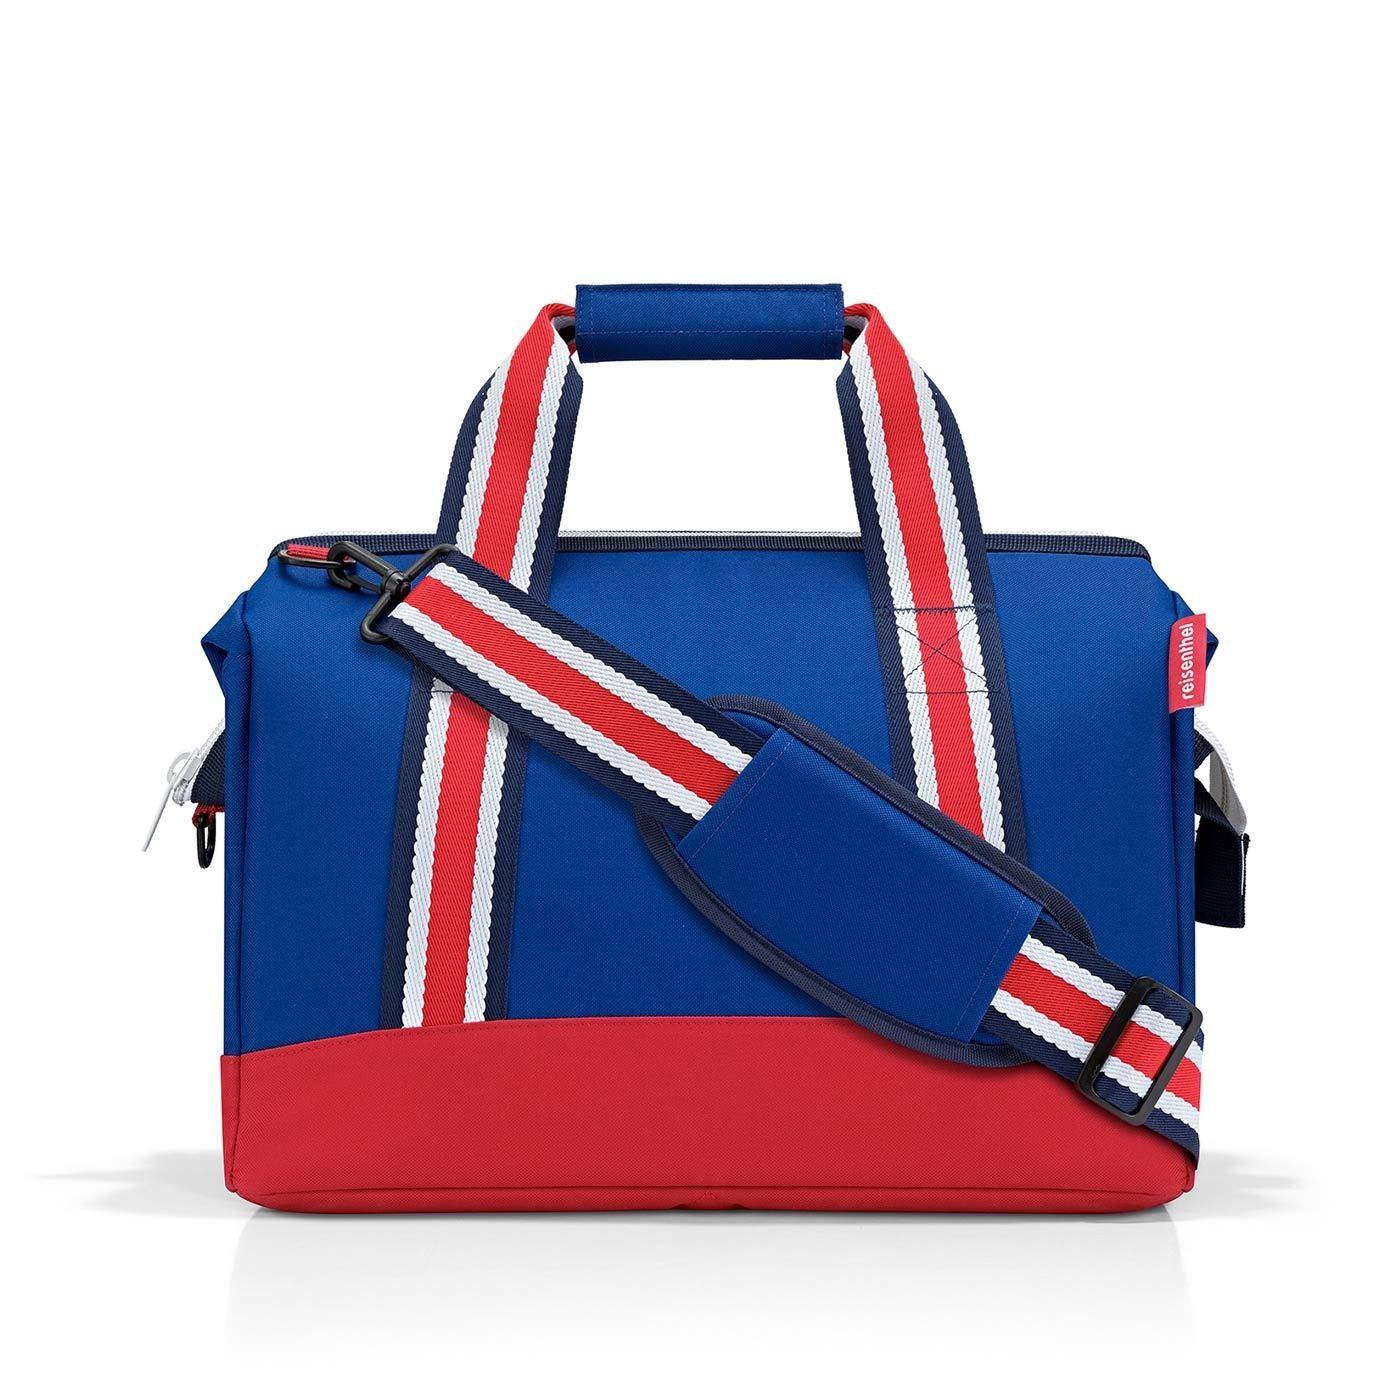 Cestovní taška Allrounder M special edition nautic_1